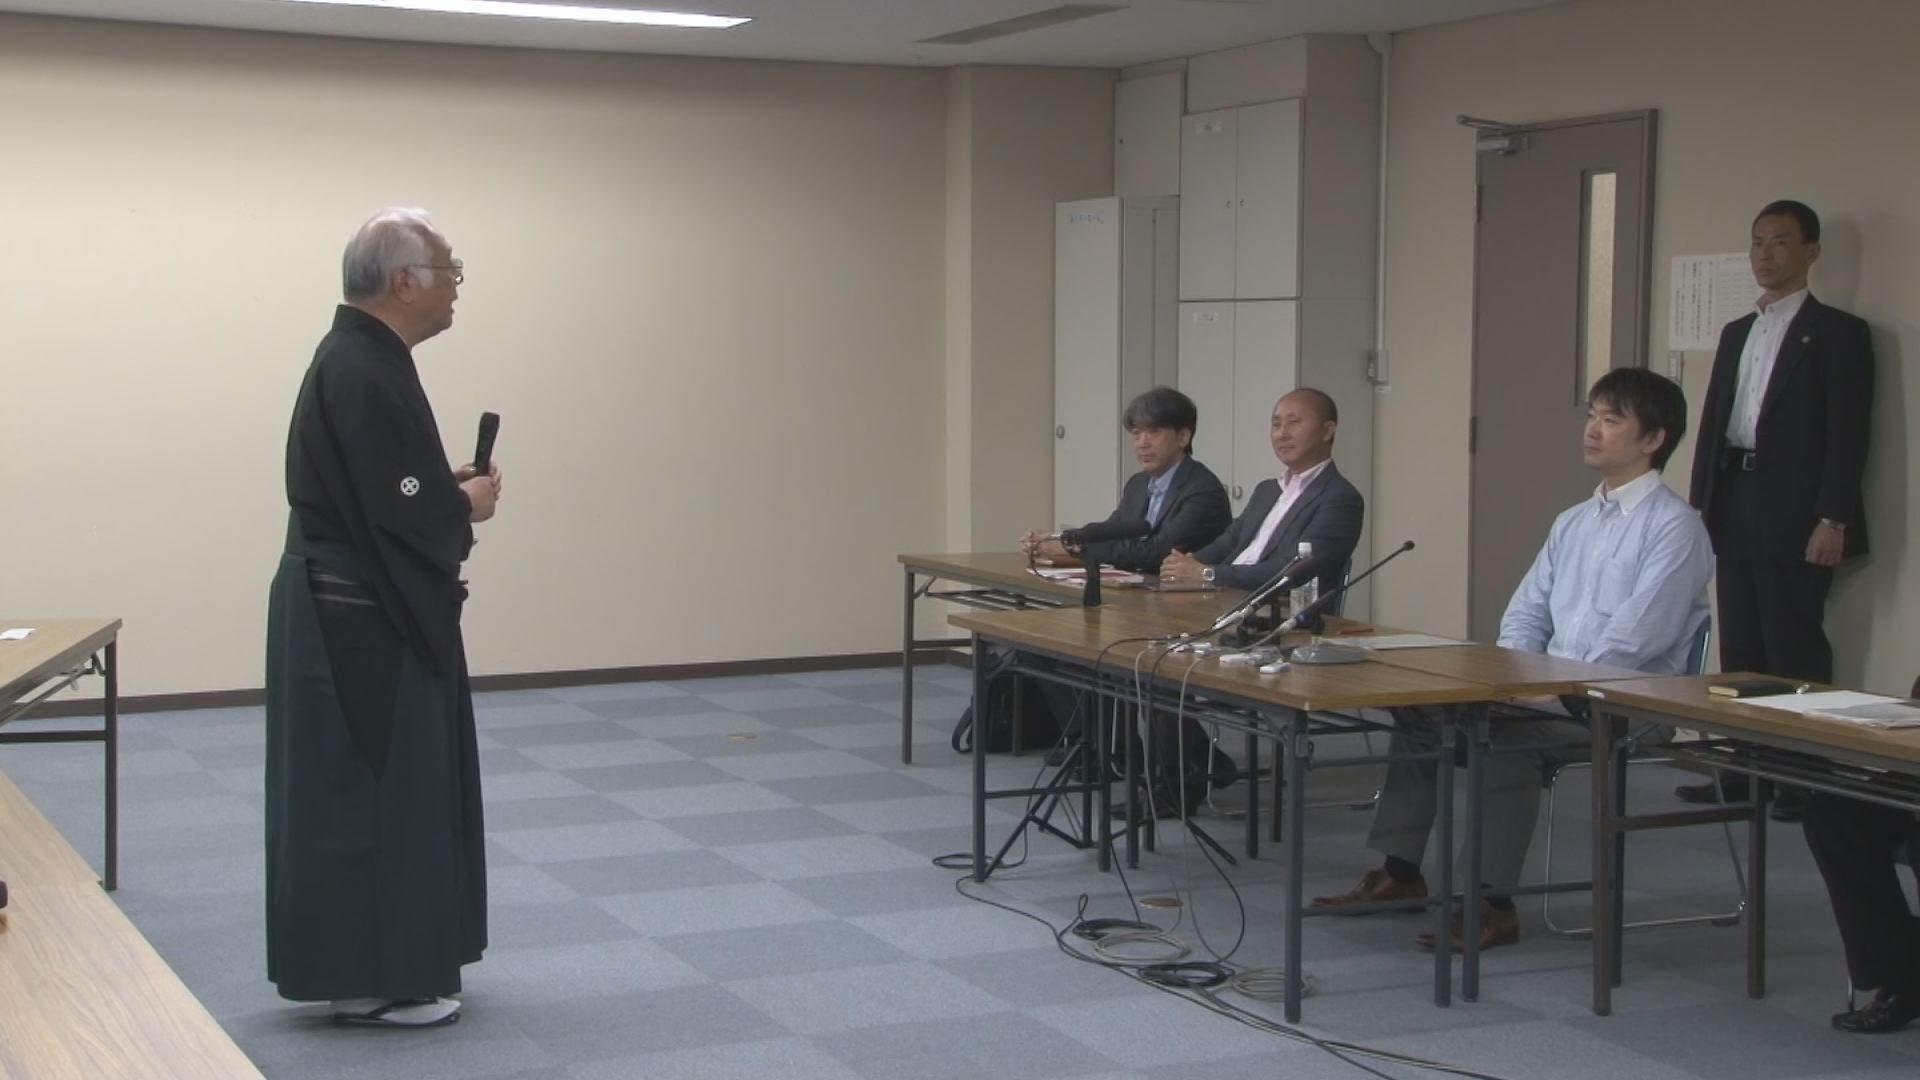 10/3 橋下市長と文楽側との公開面談【詳報】 その後の市長会見